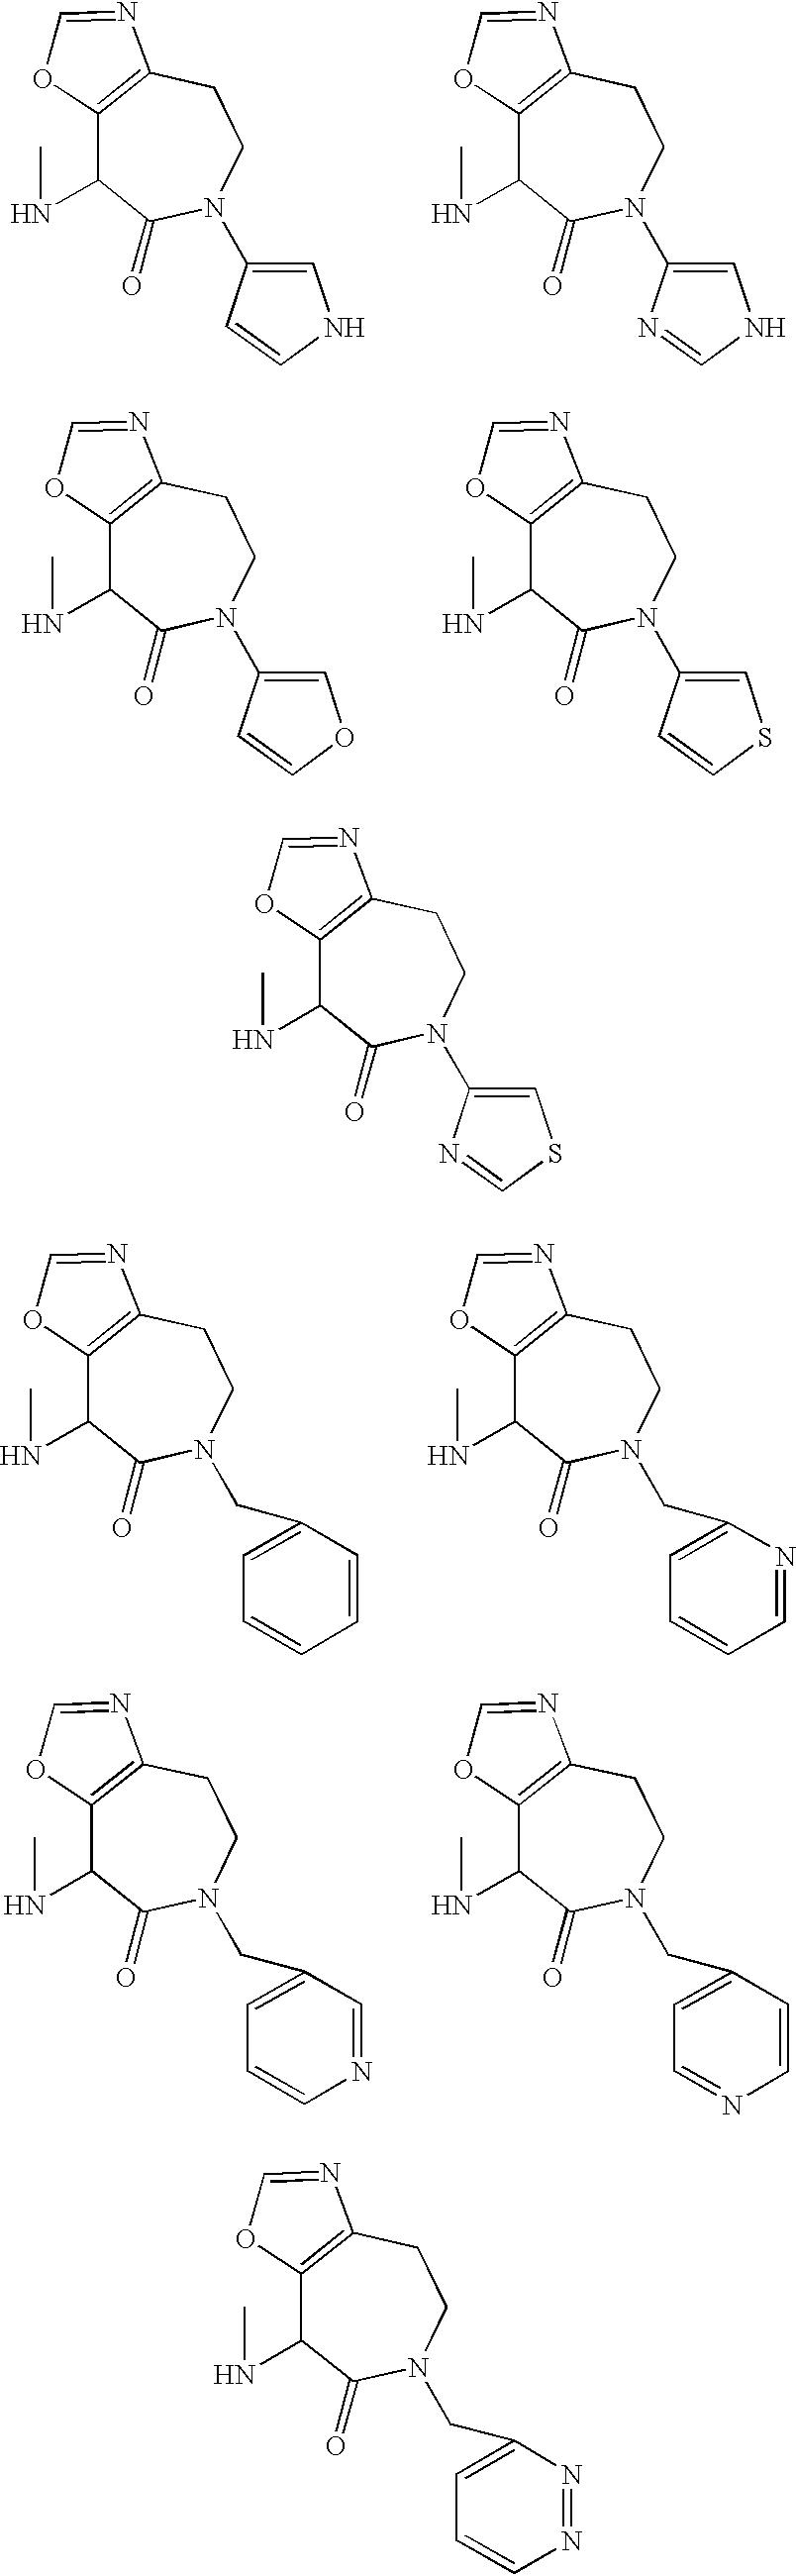 Figure US06509331-20030121-C00098